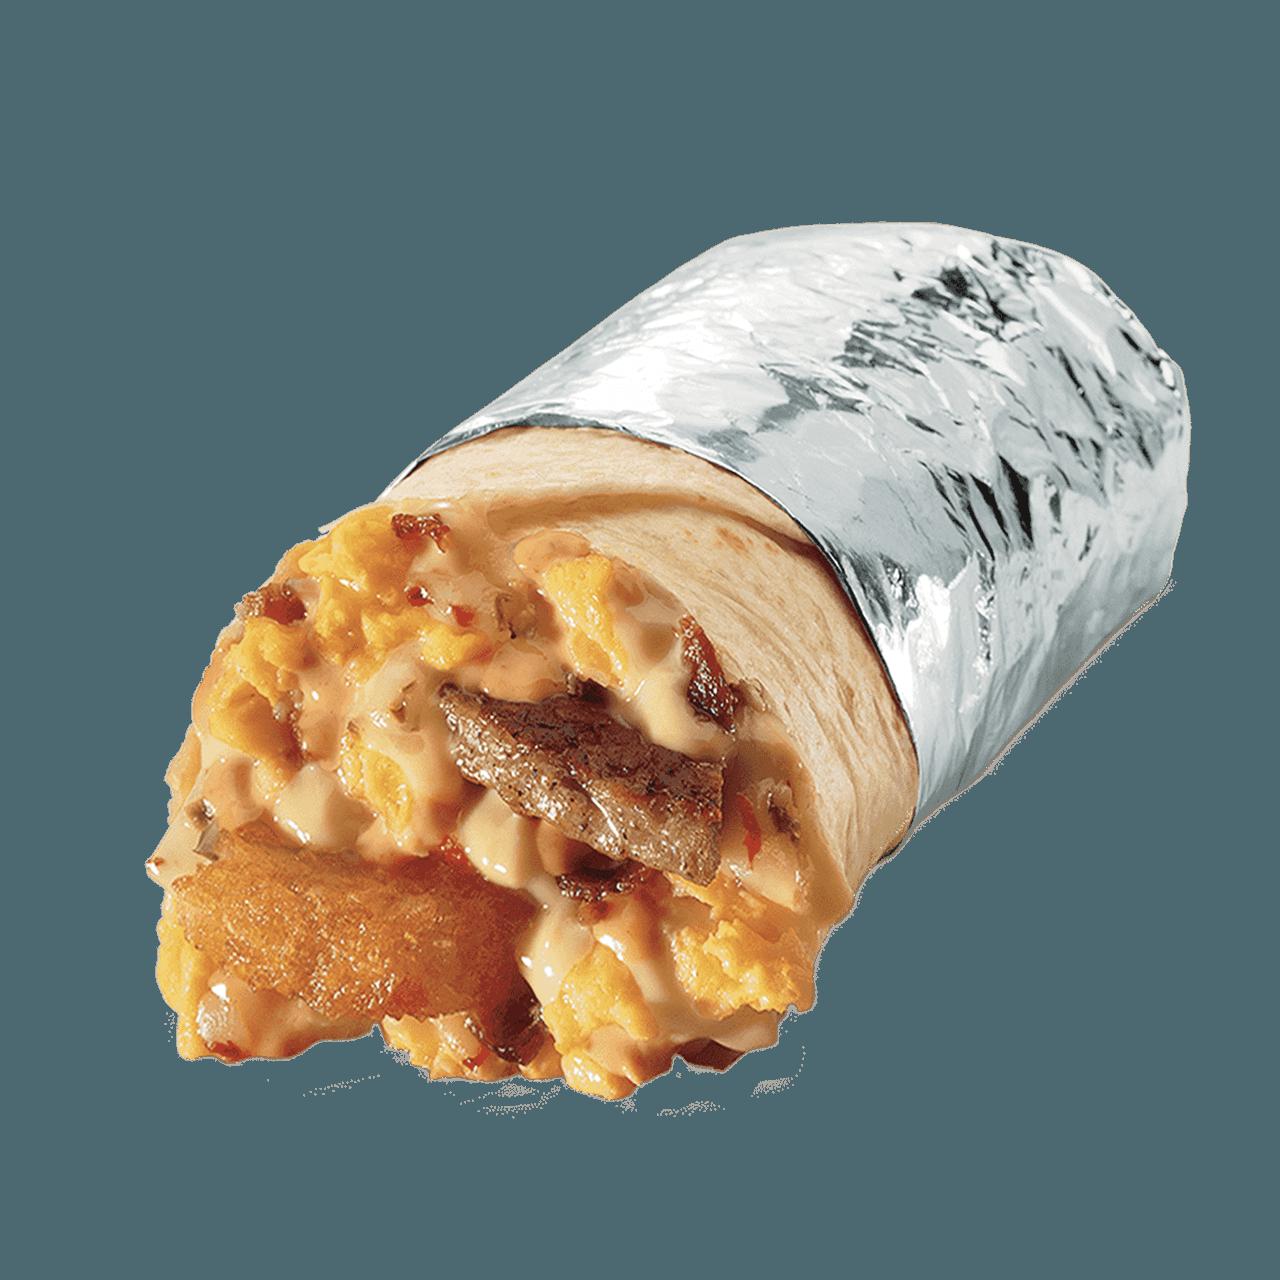 Jack in the Box Grande Sausage Breakfast Burrito